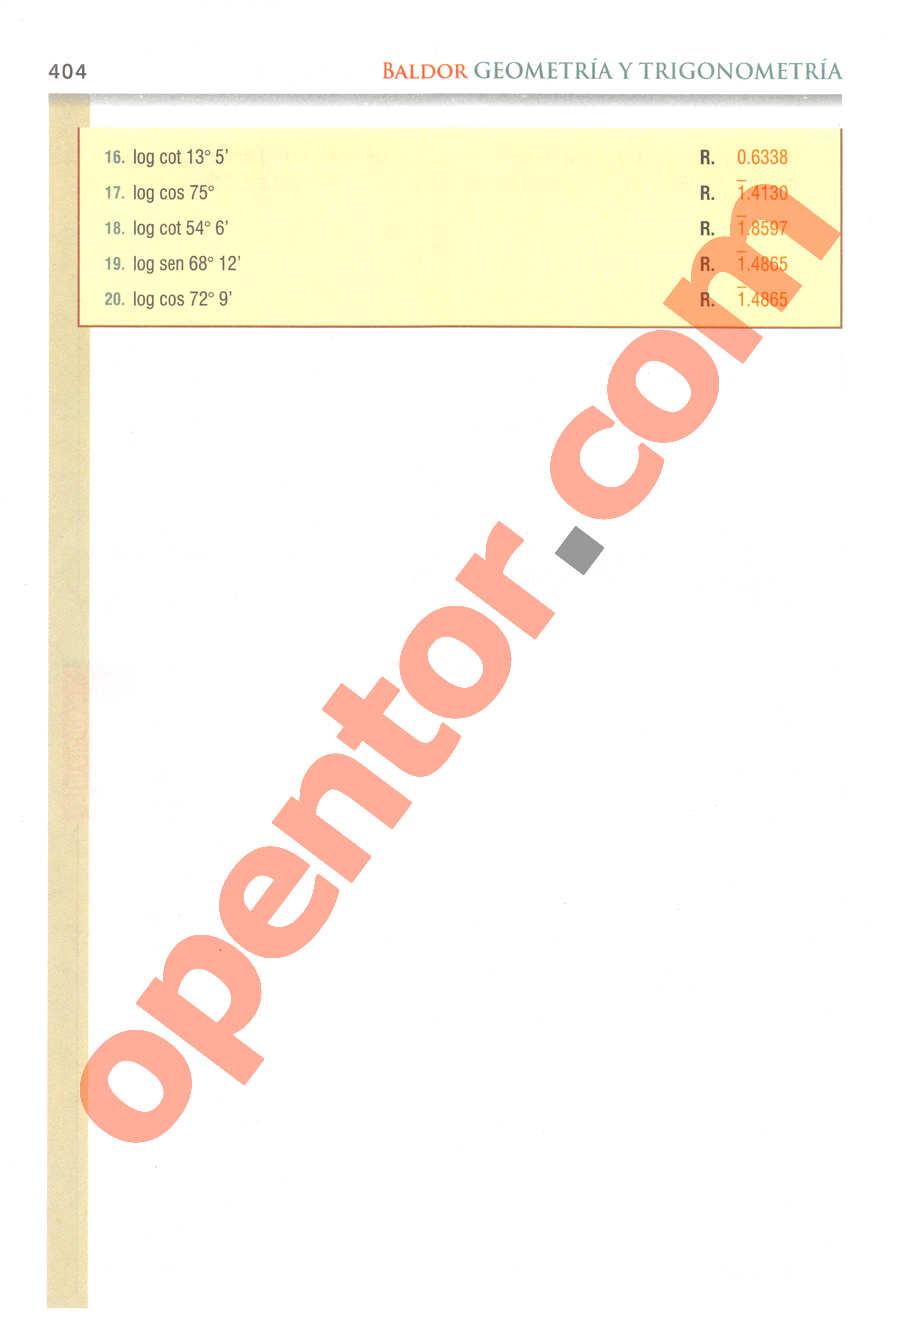 Geometría y Trigonometría de Baldor - Página 404